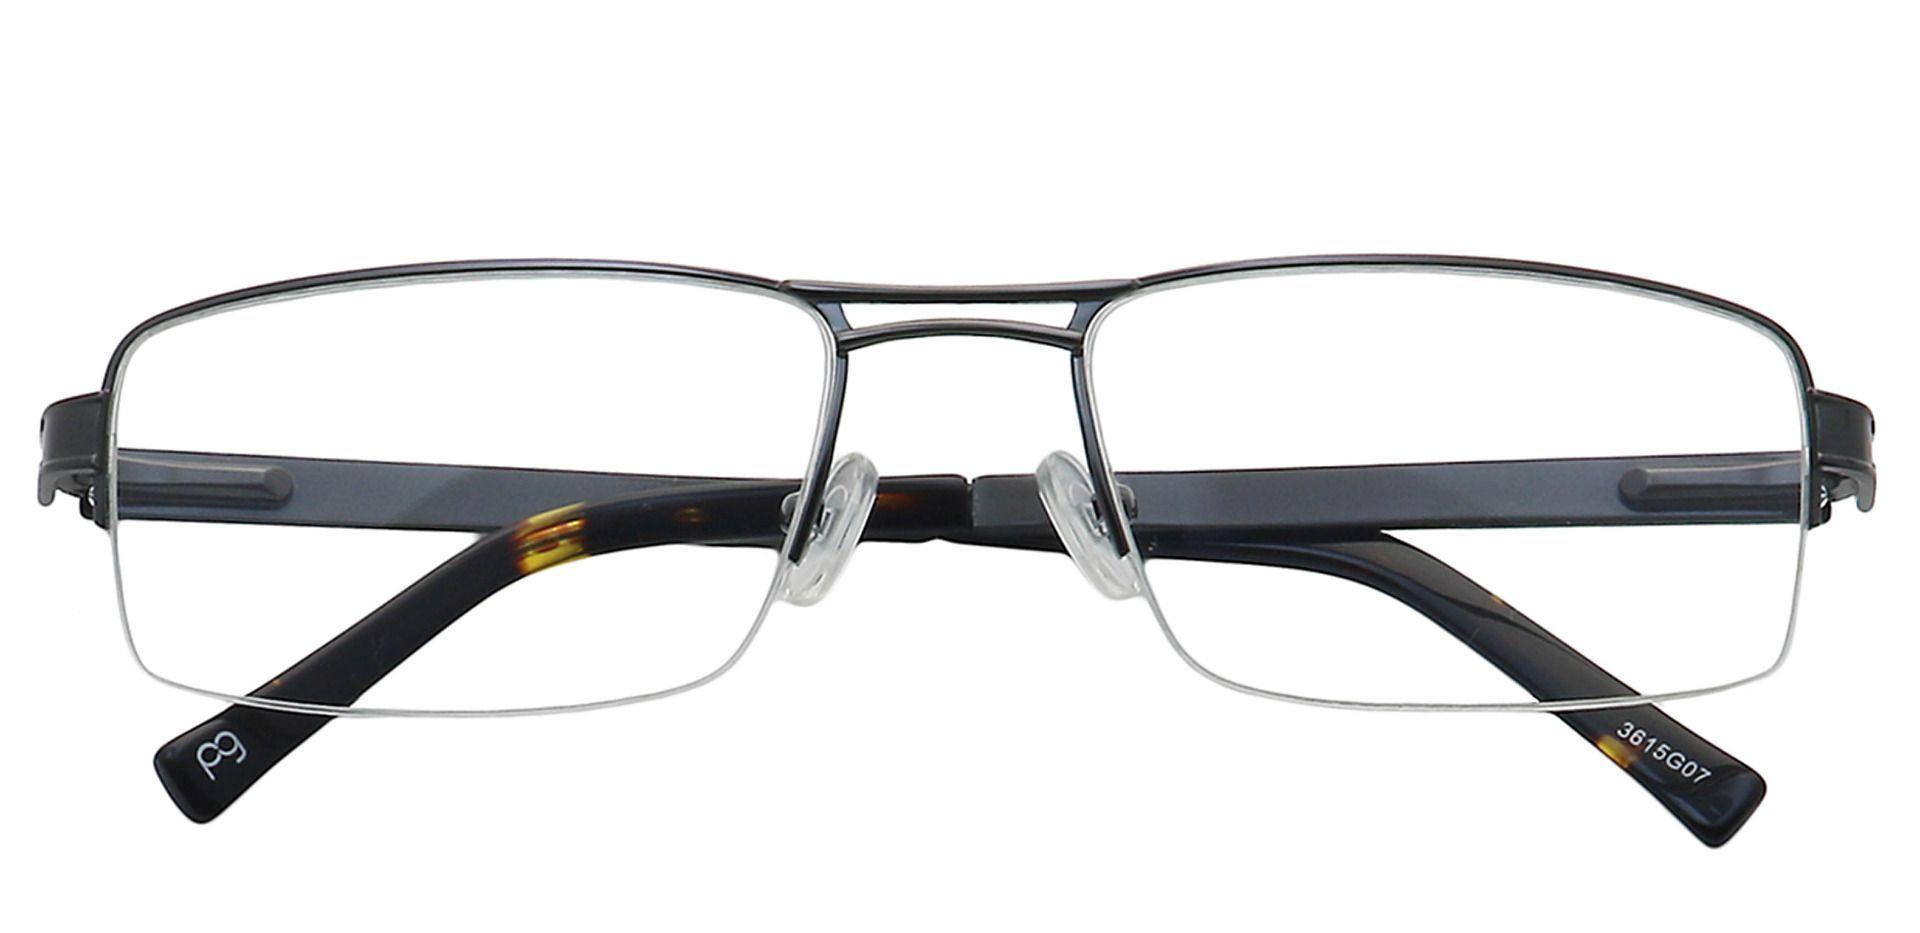 Winter Rectangle Progressive Glasses - Gray